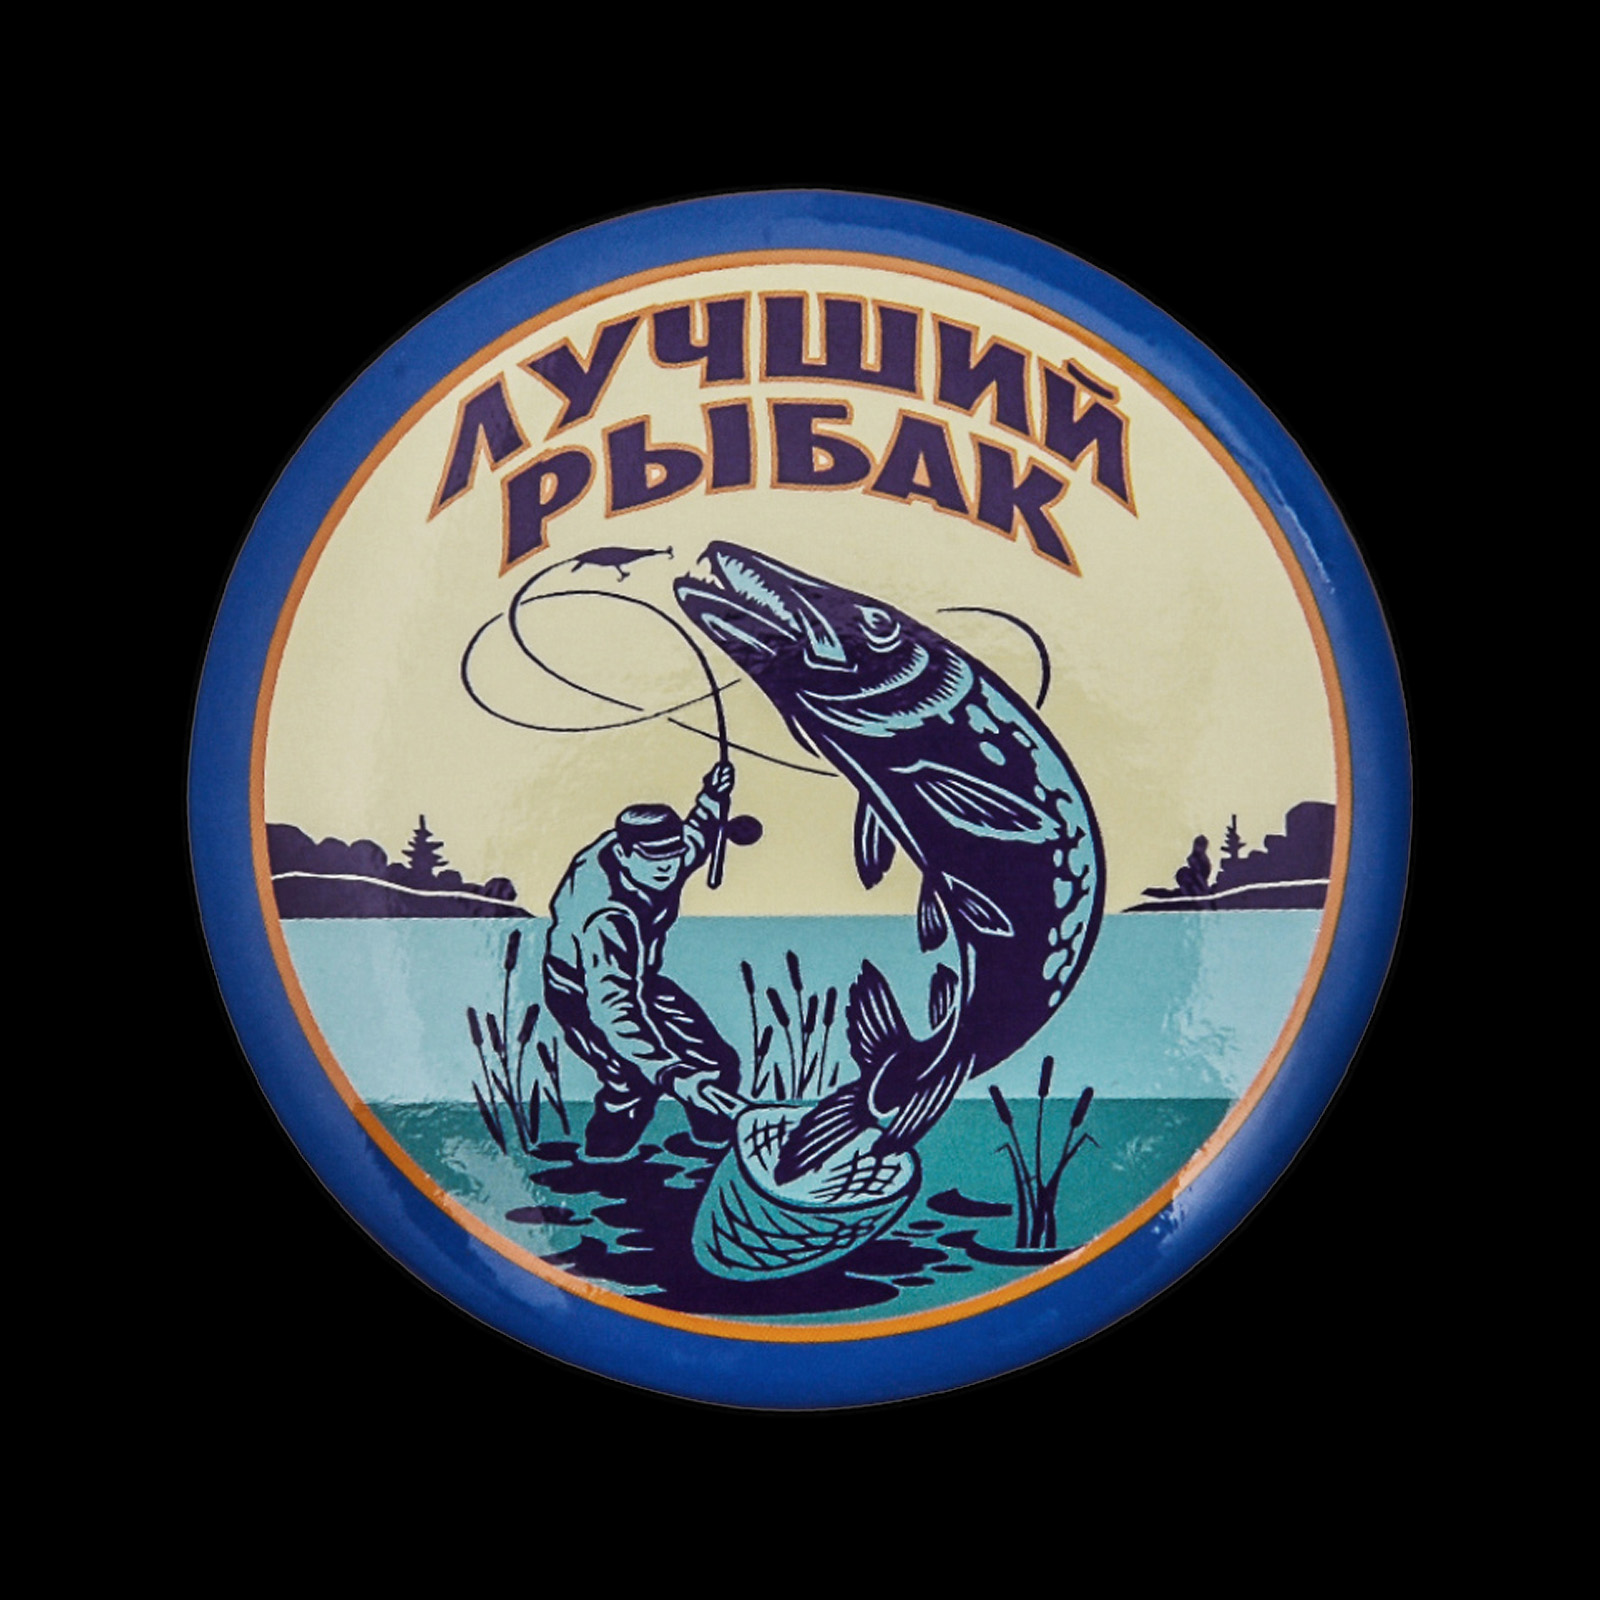 Закатный значок «Лучший рыбак» от Военпро